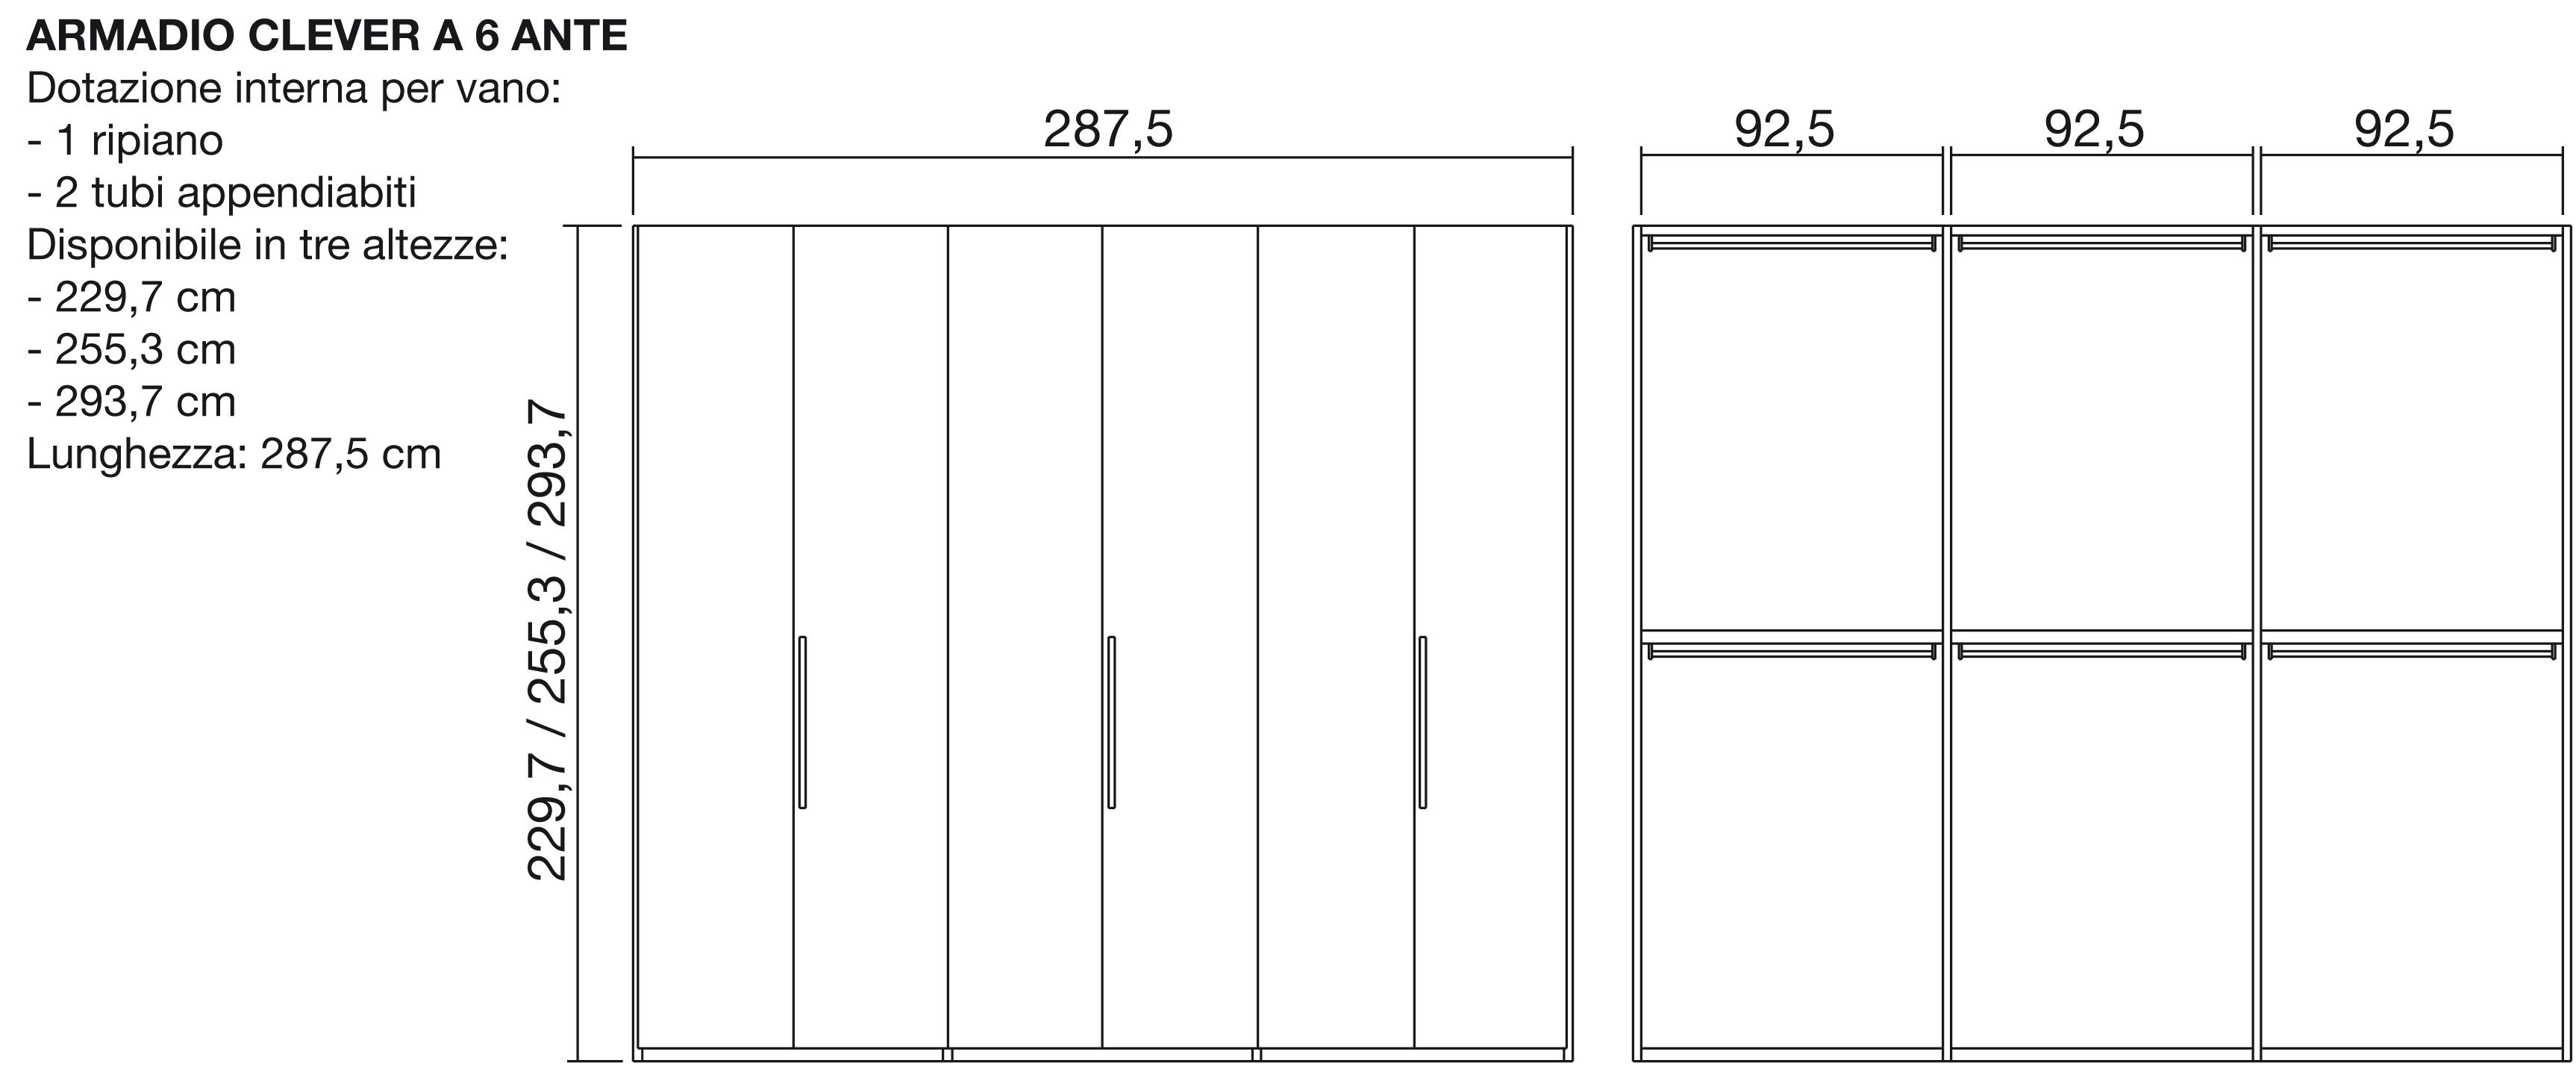 Cabina Armadio Dimensioni Minime. Open Zoom. . Da Questo Spazio Devo ...